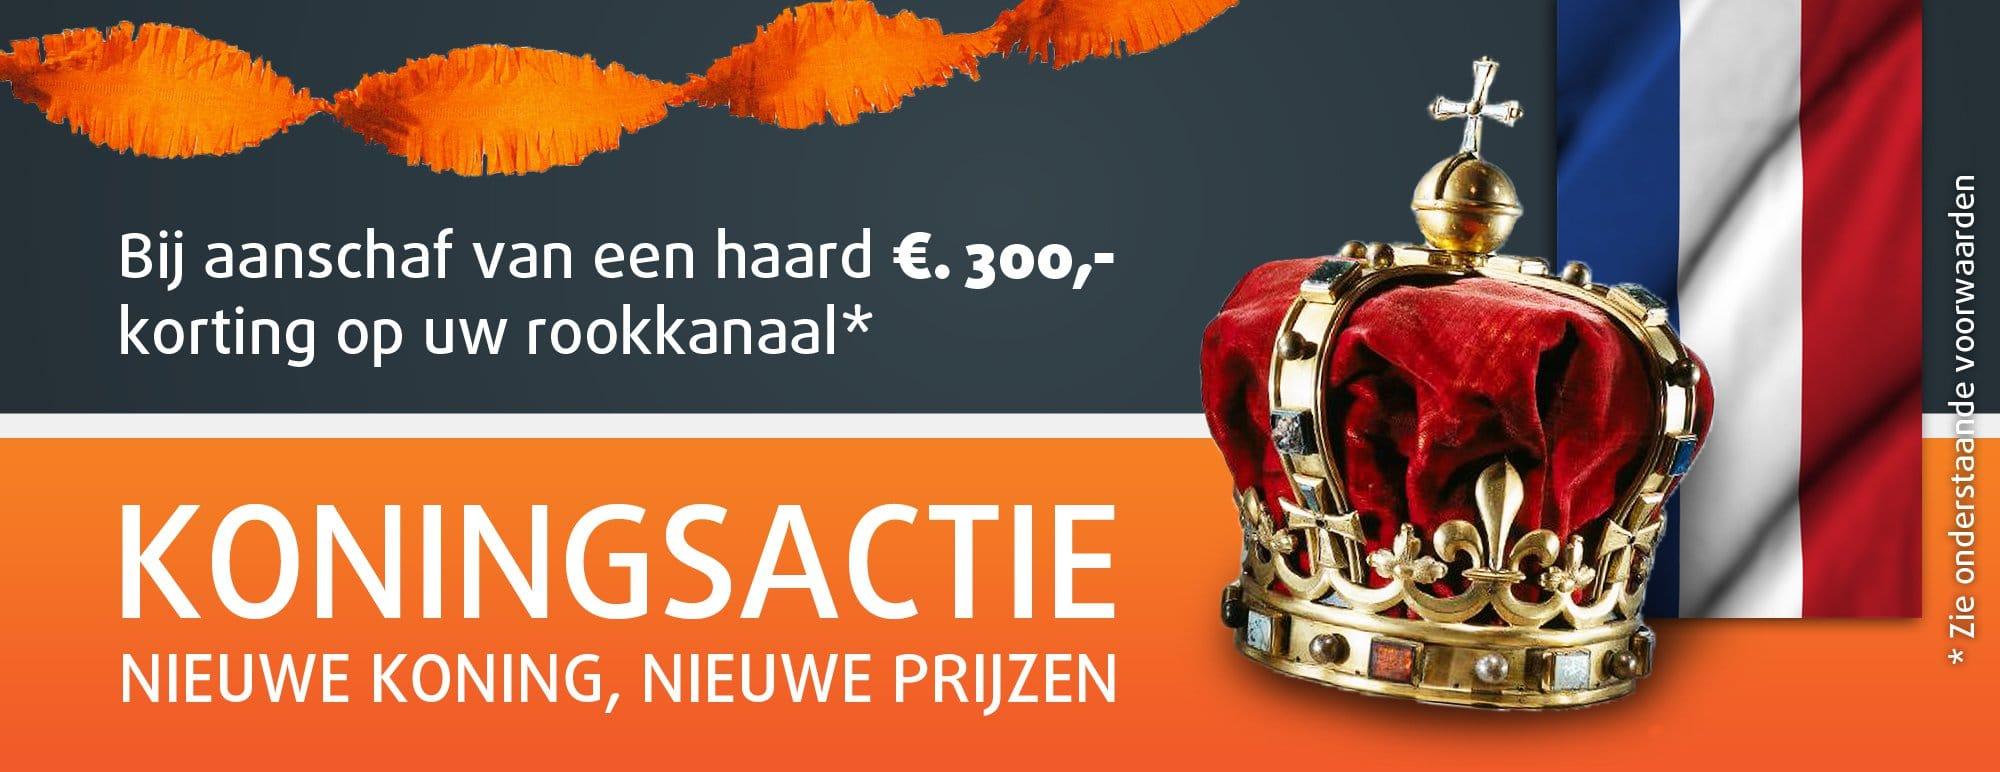 Koningsactie - Nieuwe Koning, Nieuwe Prijzen